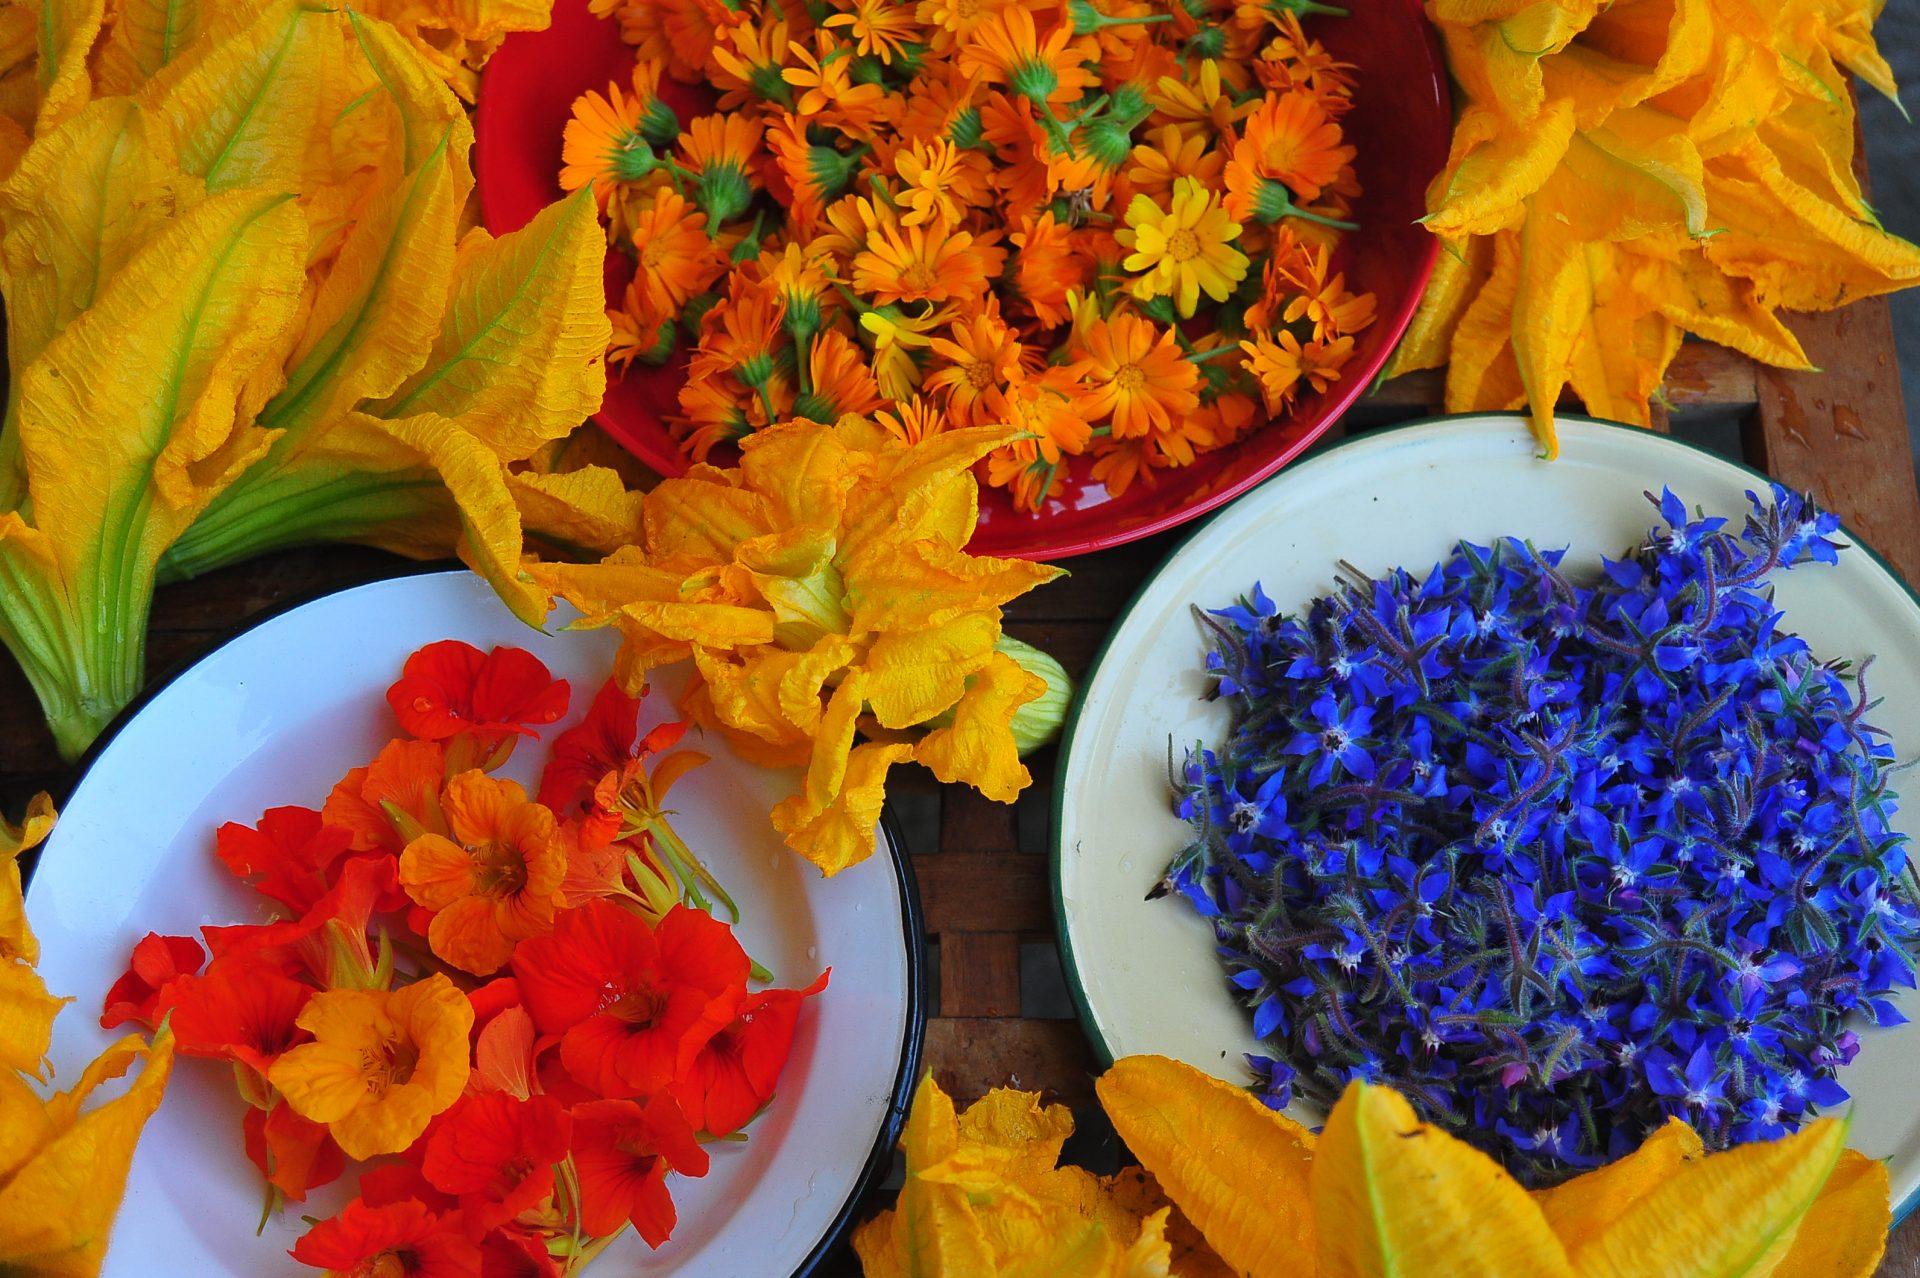 Βρωσιμα λουλουδια στο πιατο μας